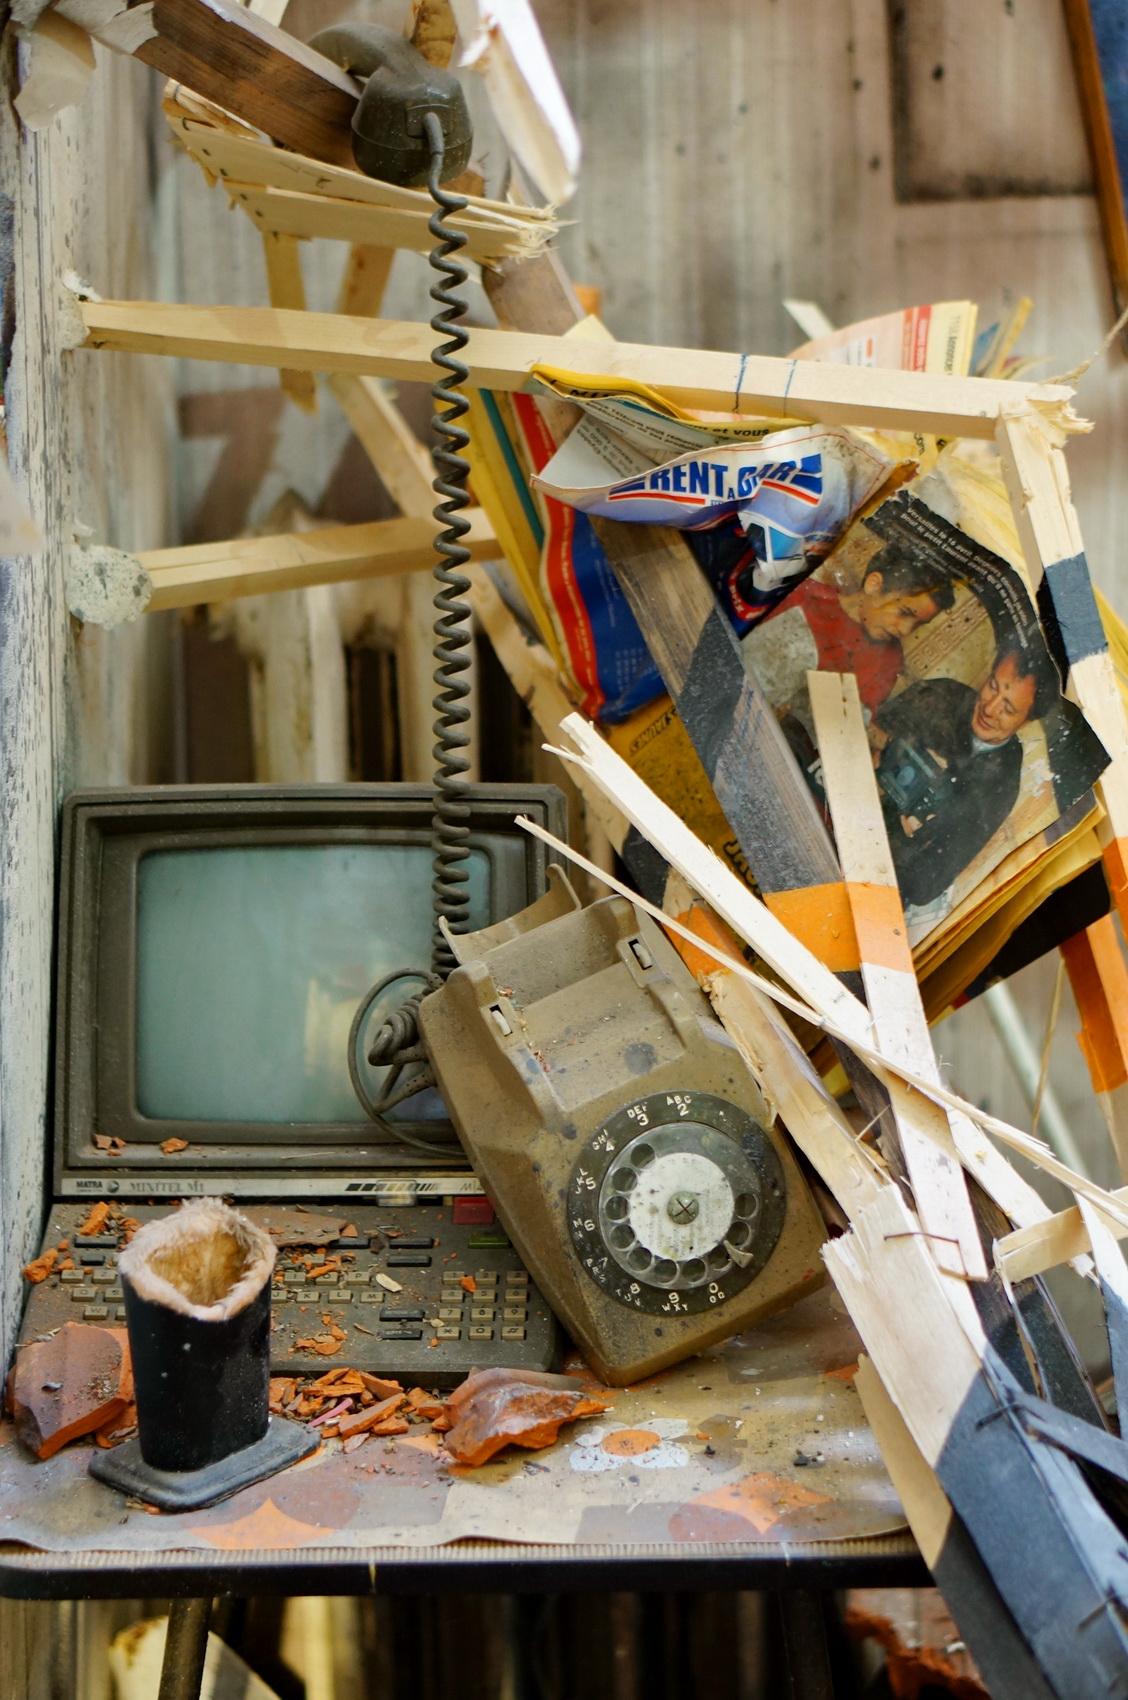 réserve malakoff, la réserve, la réserve malakoff, street art, street art paris, street art ile de france, urban art, wall art, art urbain, culture urbaine, la maison oubliée, swar